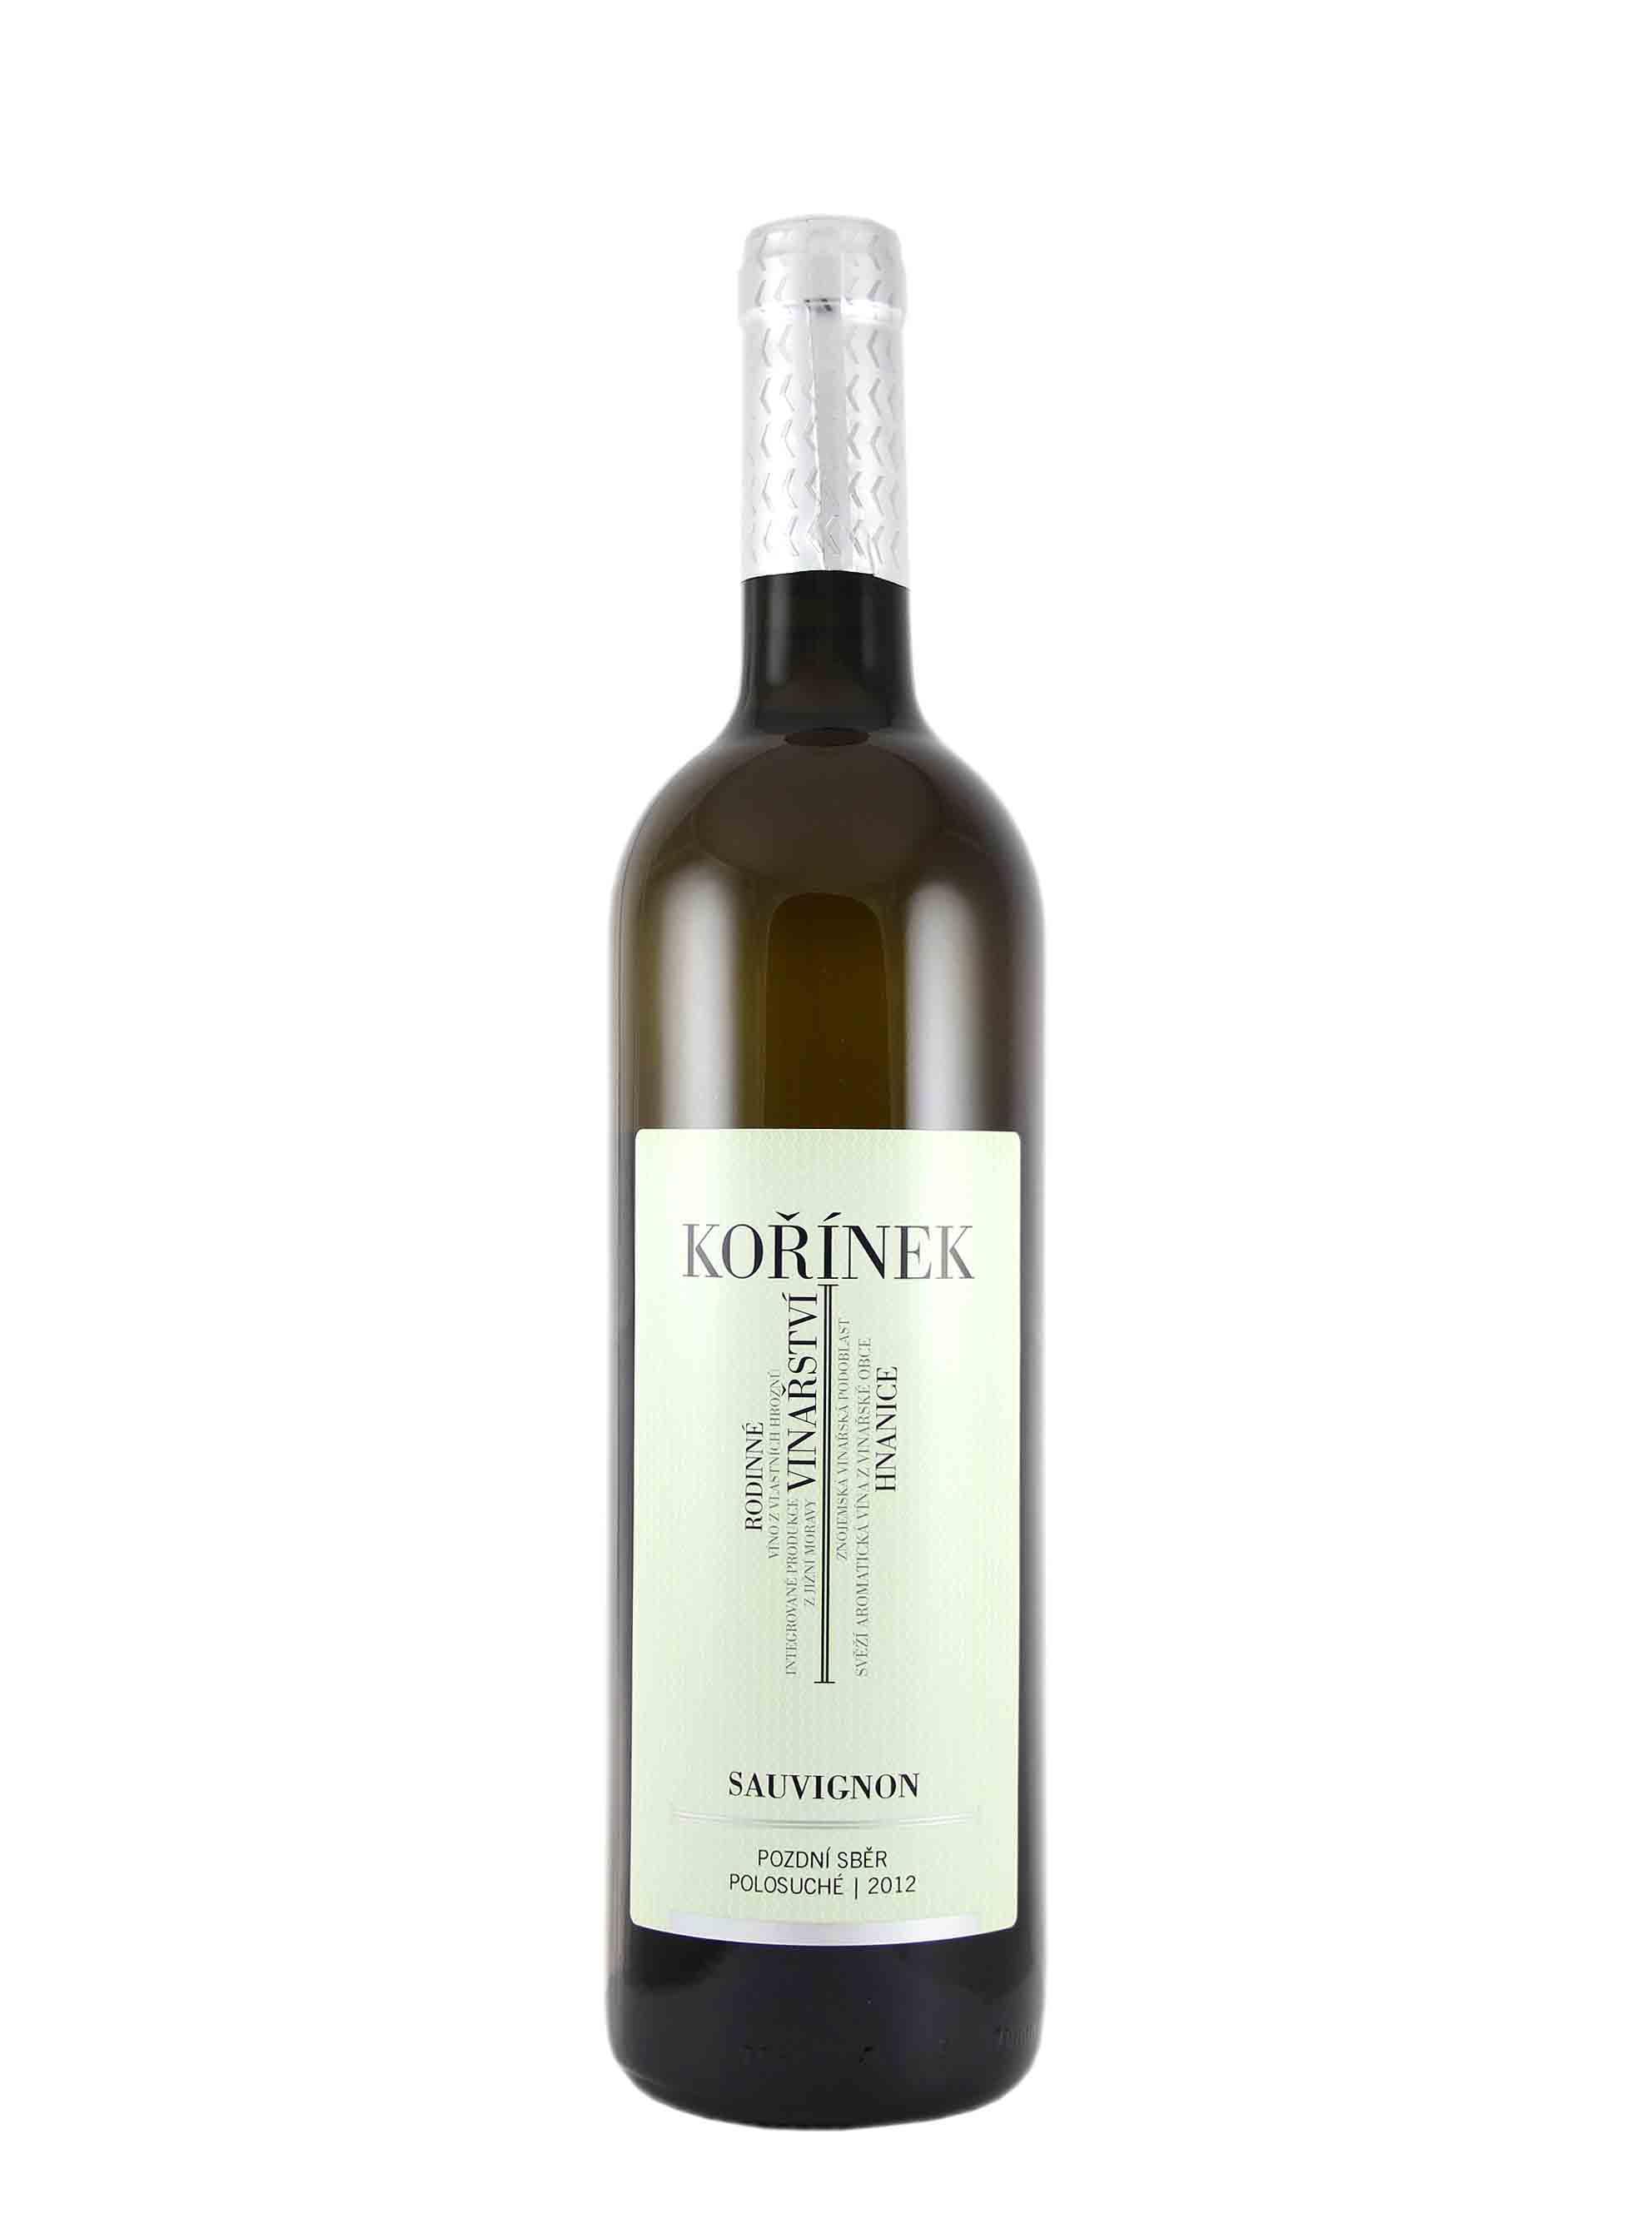 Sauvignon, Premium, Pozdní sběr, 2012, Vinařství Kořínek, 0.75 l